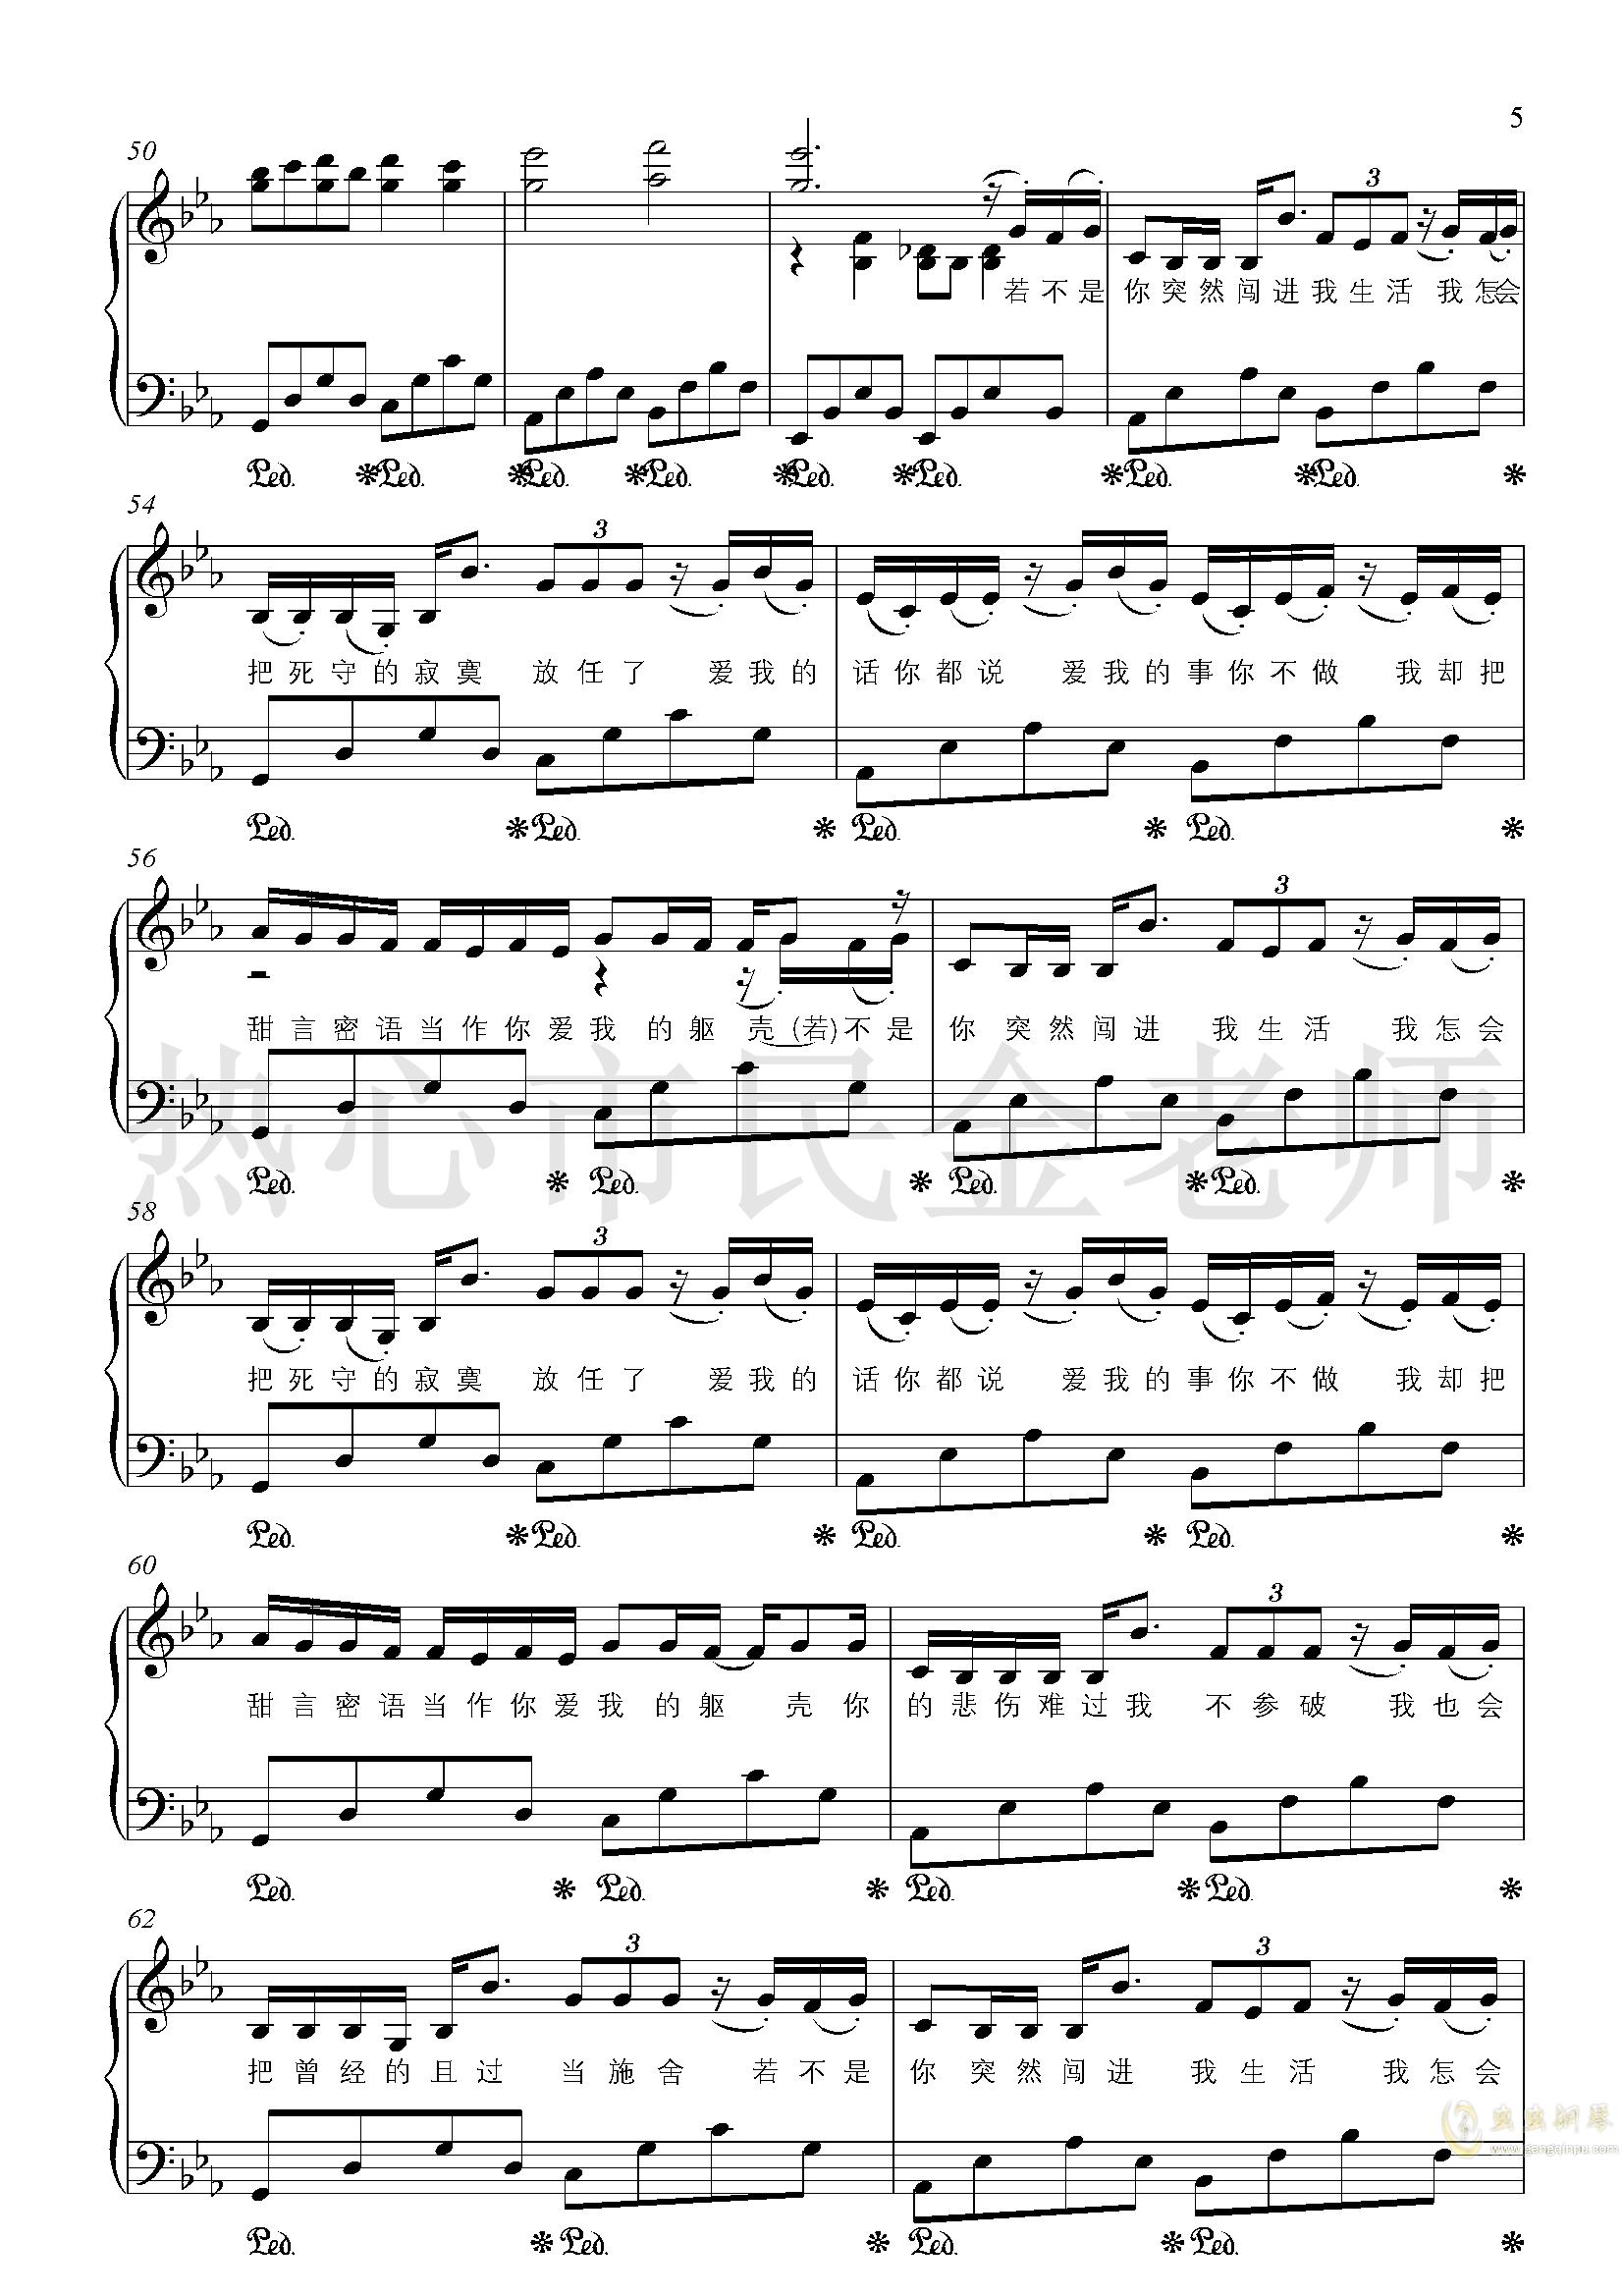 溯钢琴谱简谱数字